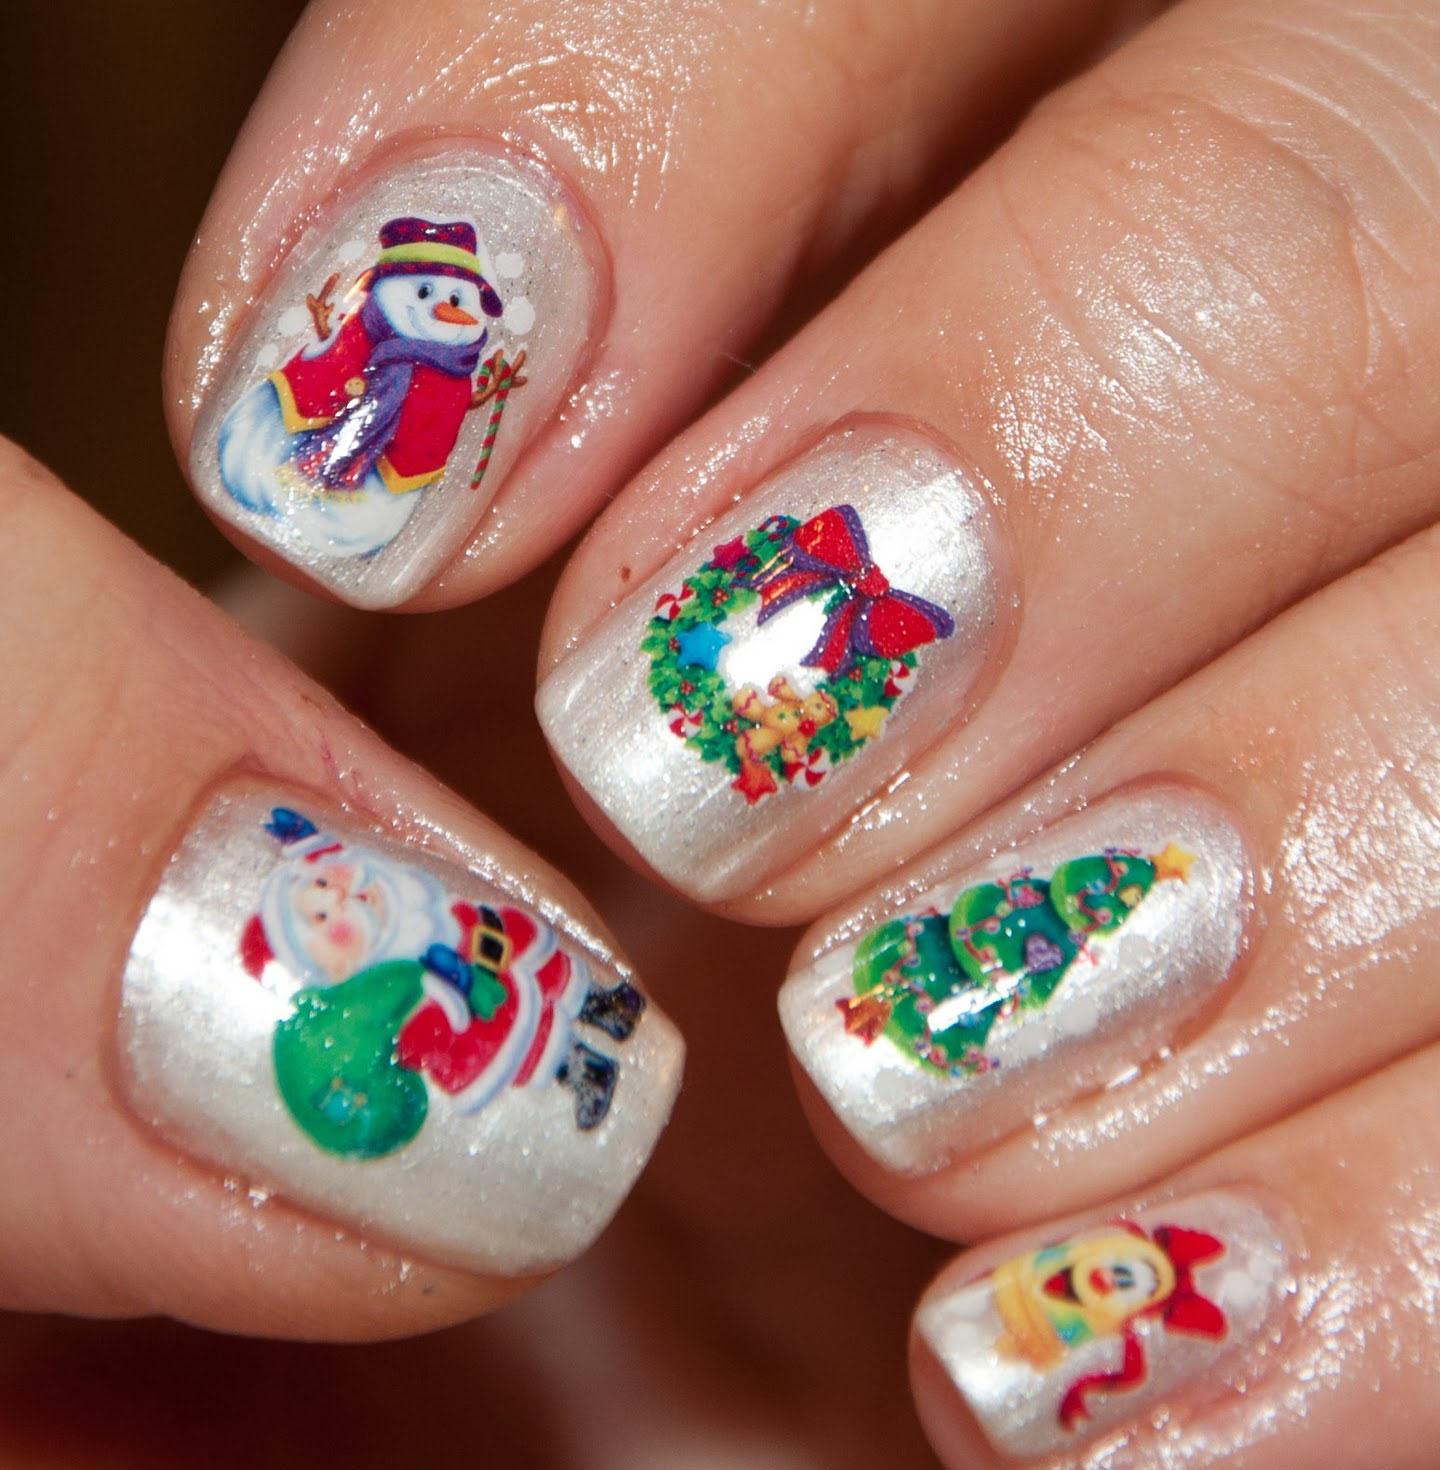 Xmas Nail Polish Ideas: Women Beauty Tips: 10+ Sizzling Christmas Nail Polish Ideas